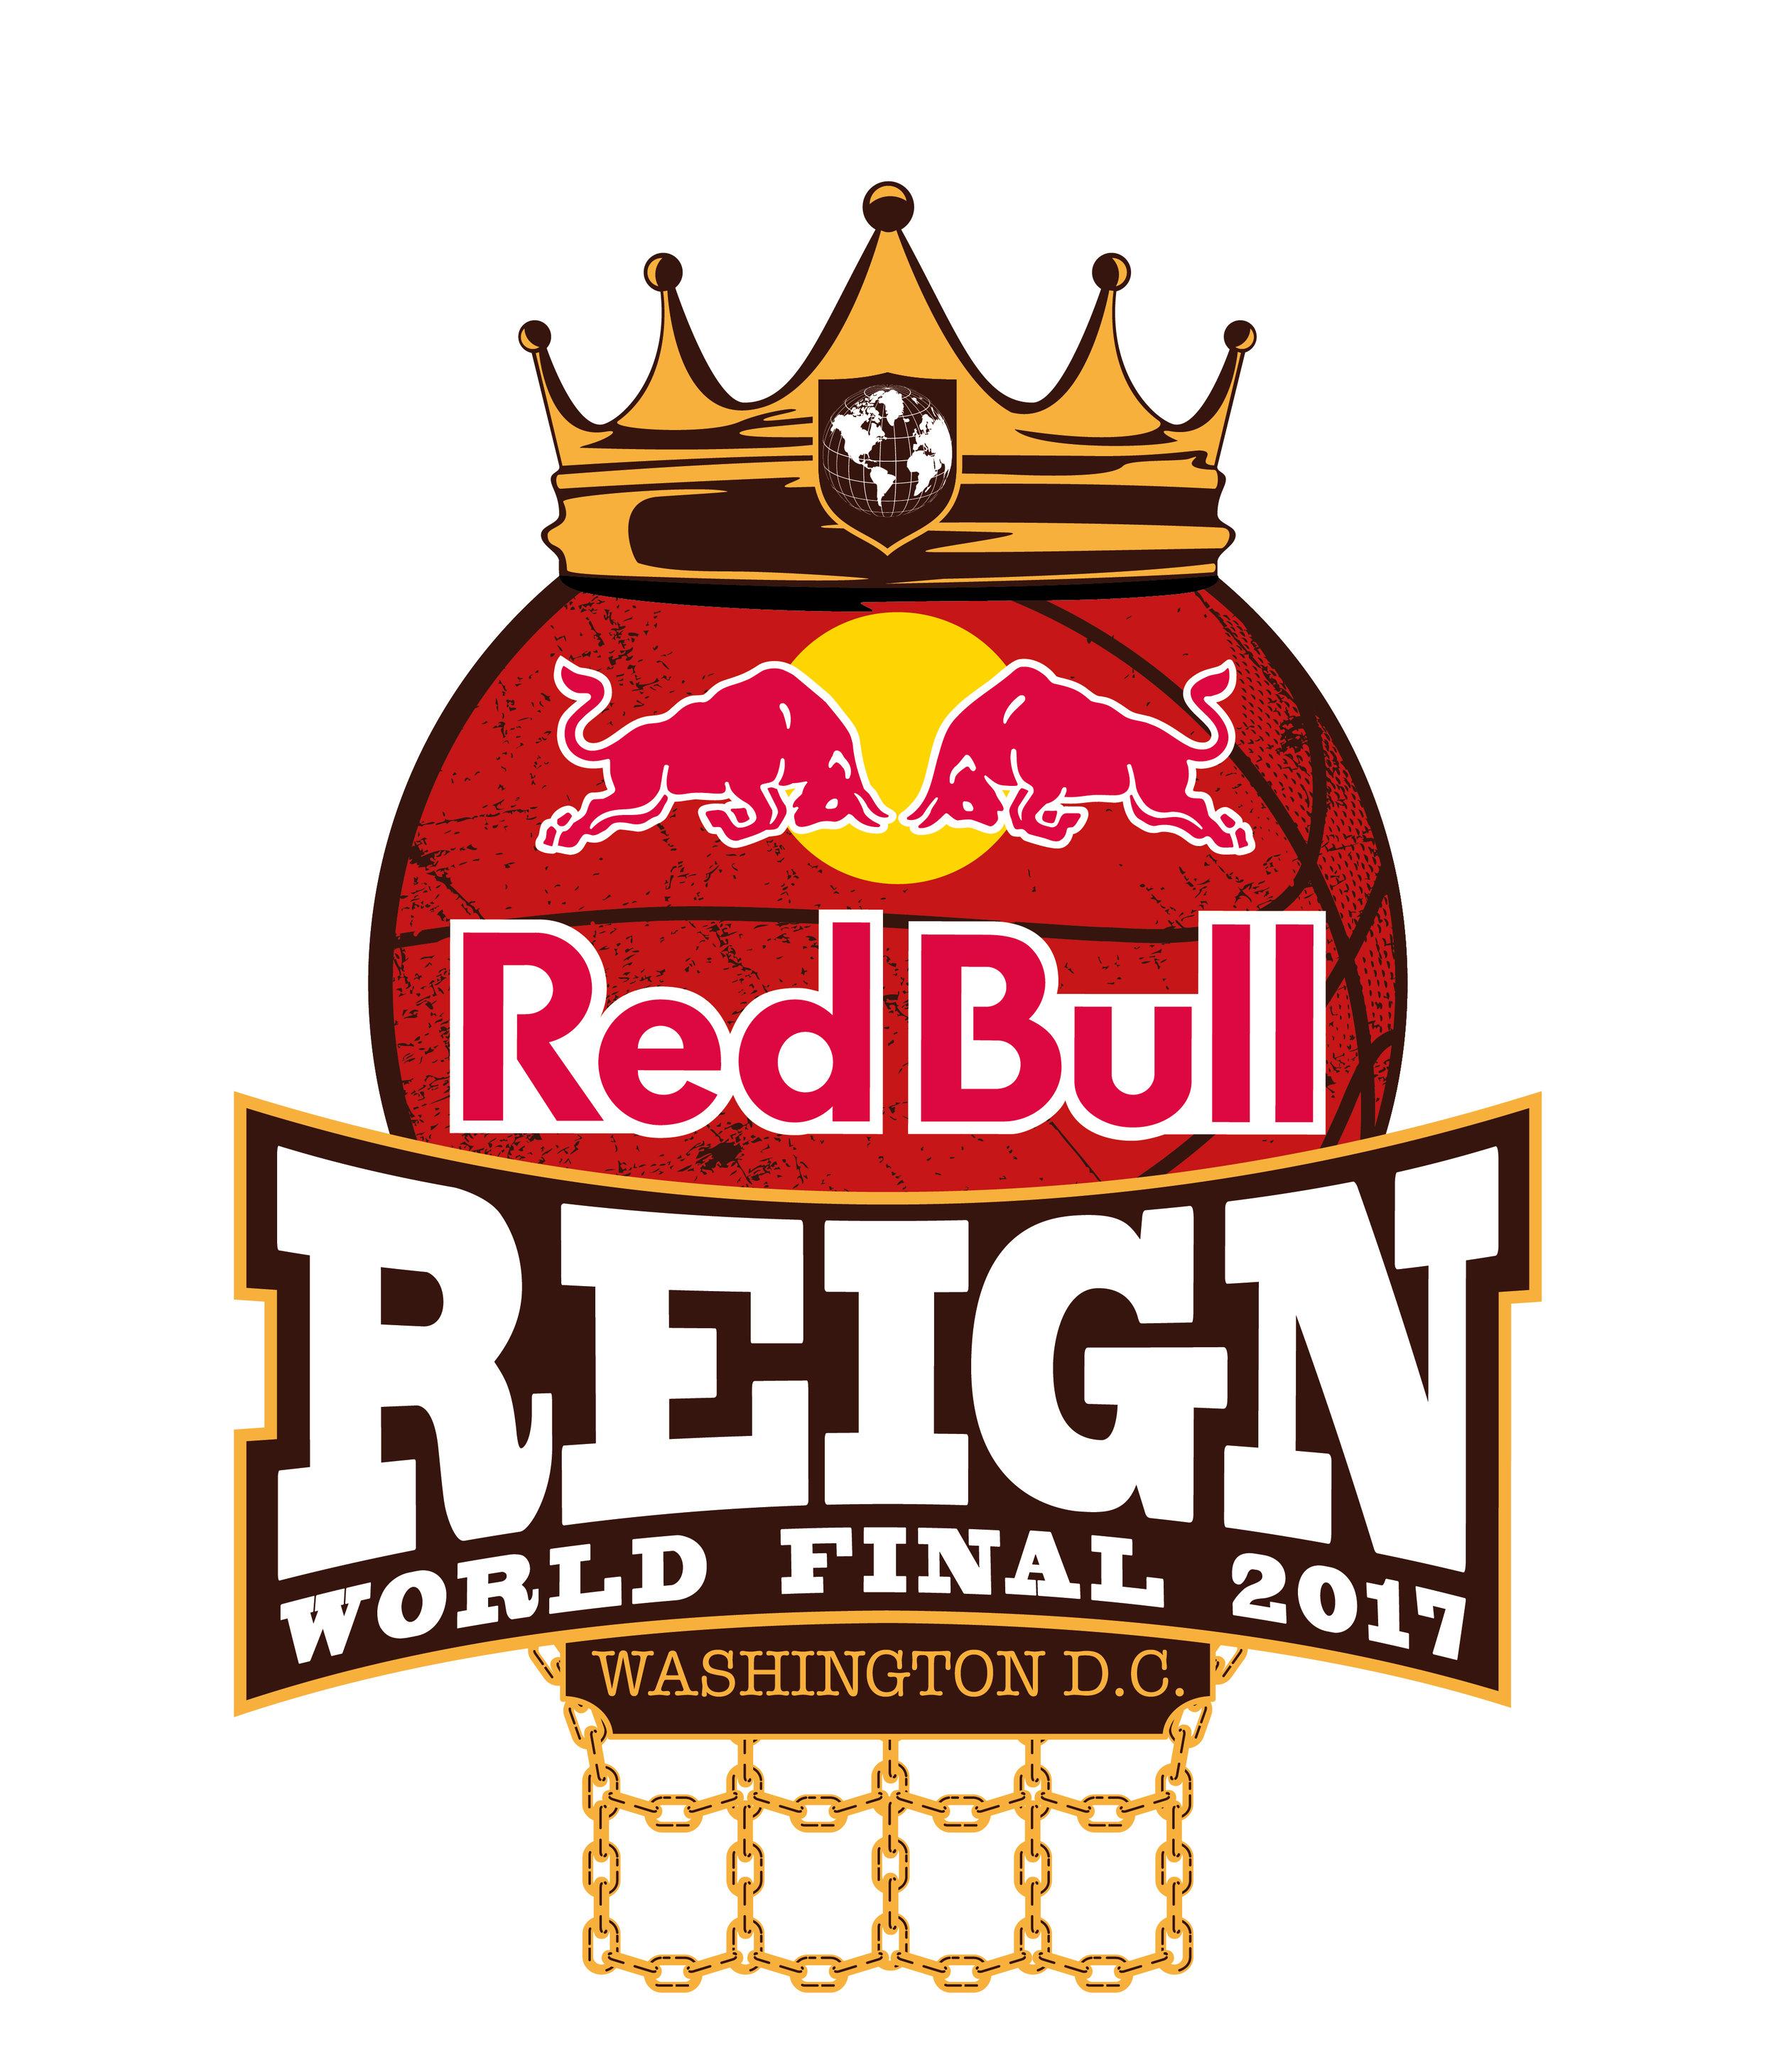 RBR_2017_logo_WORLD_FINAL_RGB.jpg